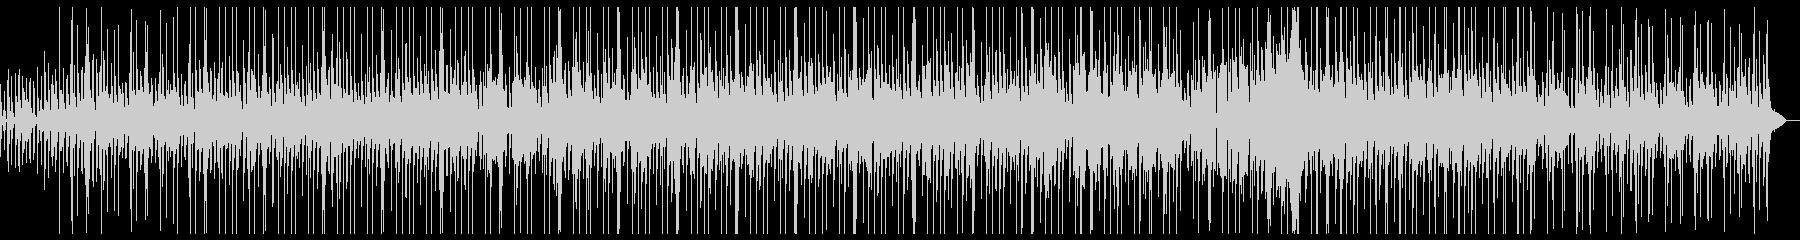 クラシックギターのスムースジャズの未再生の波形